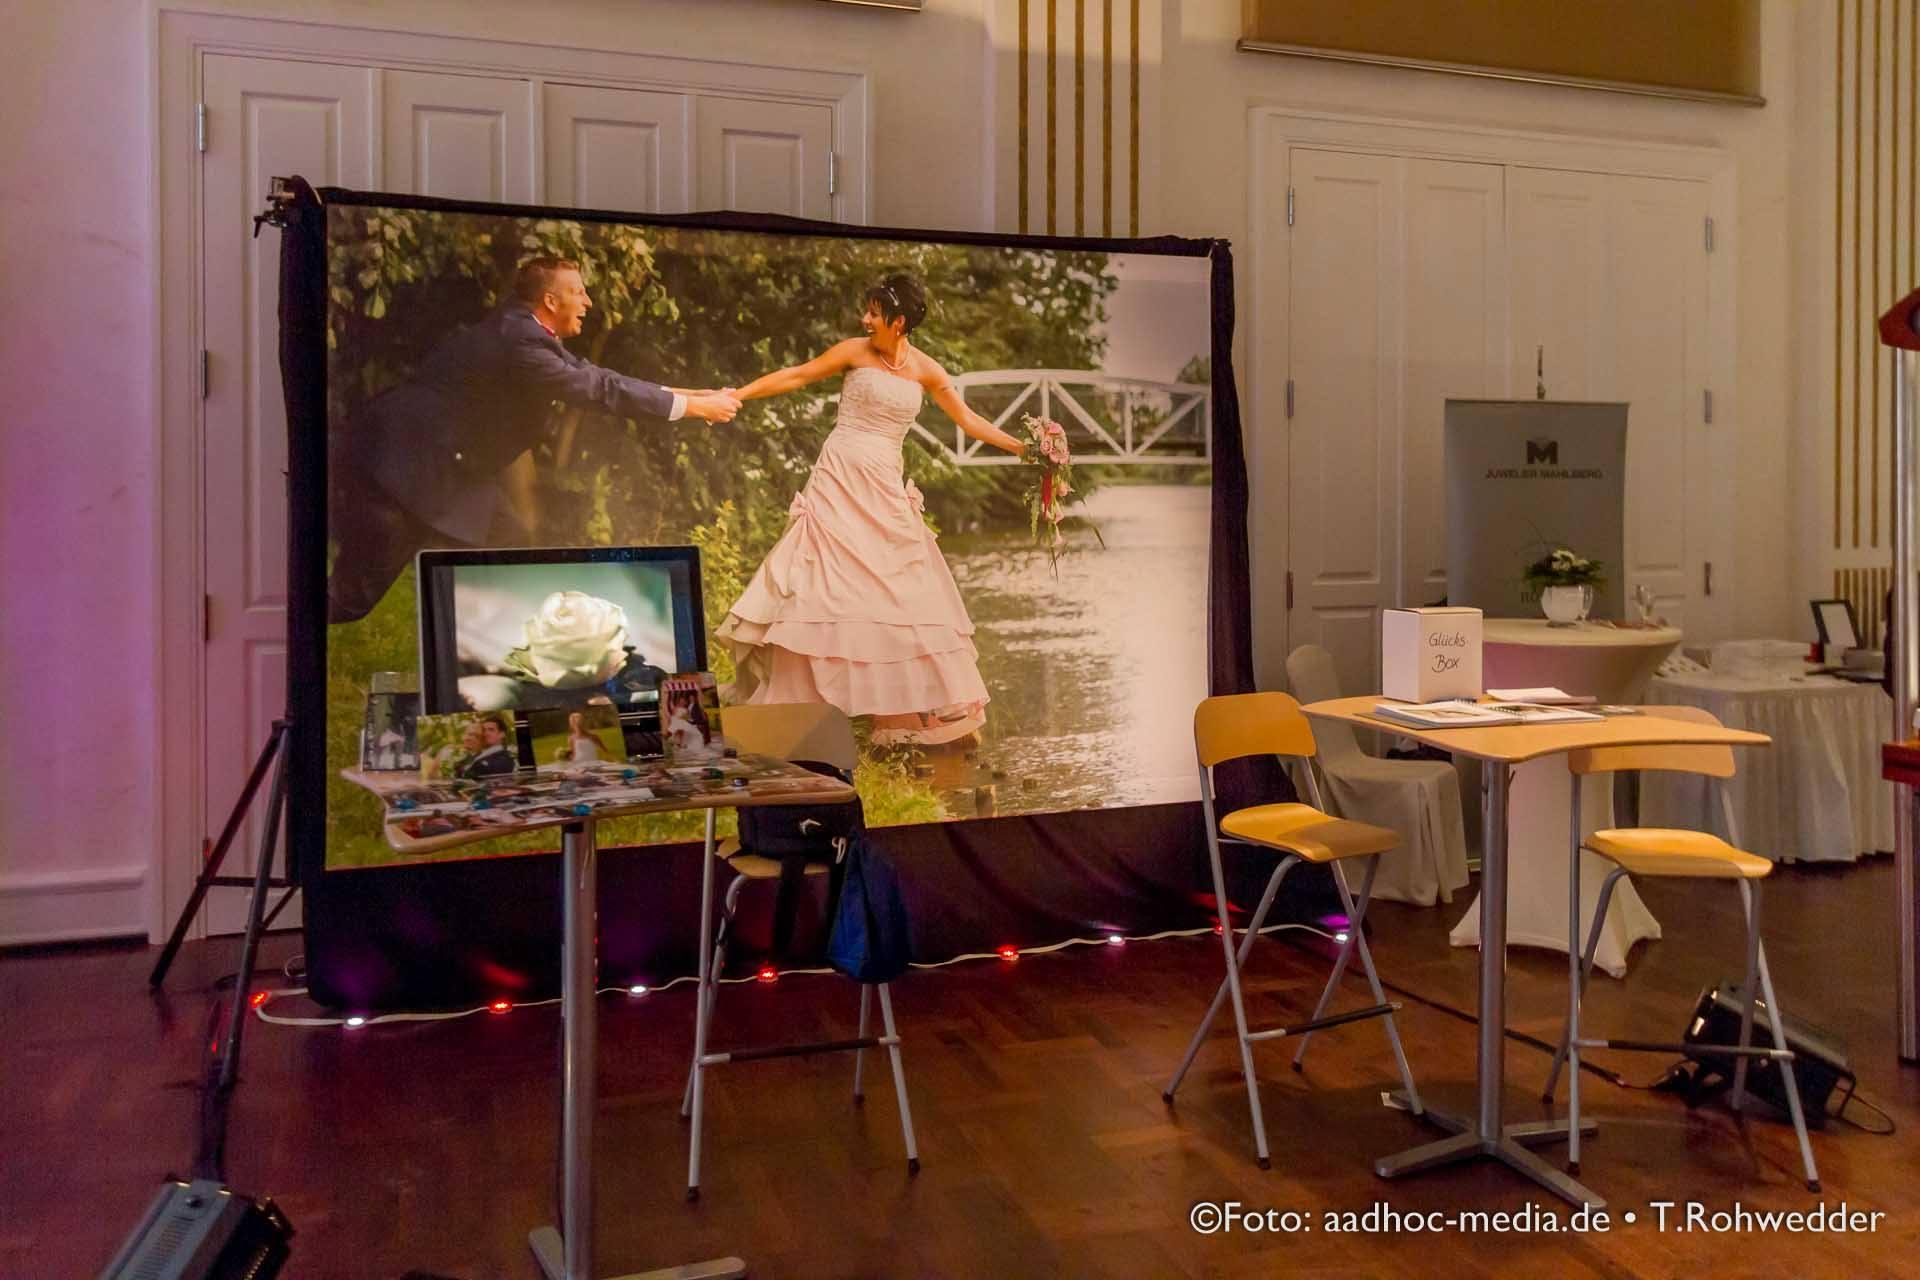 Der Momentalist und Hochzeitsfotograf Thomas Rohwedder auf der Kieler Hochzeitsmesse im Kieler Yacht-Club KYC. ©Foto aadhoc-media.de • Thomas Rohwedder